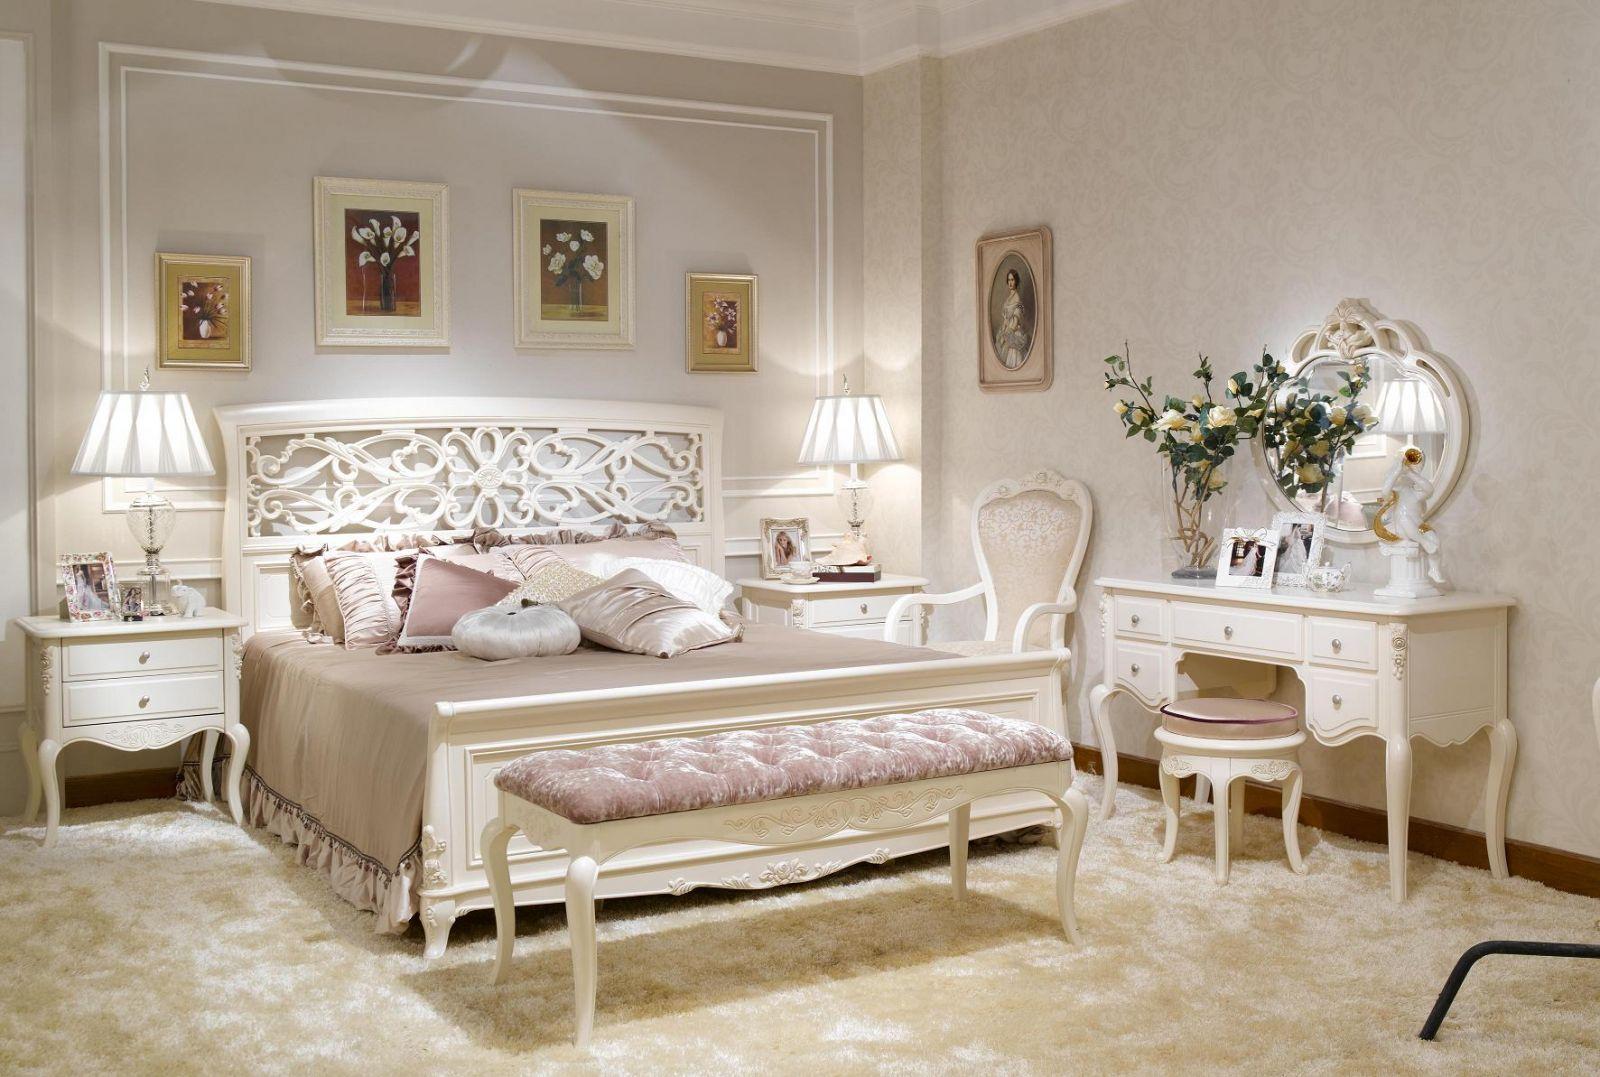 Классическая спальня по фэн-шуй